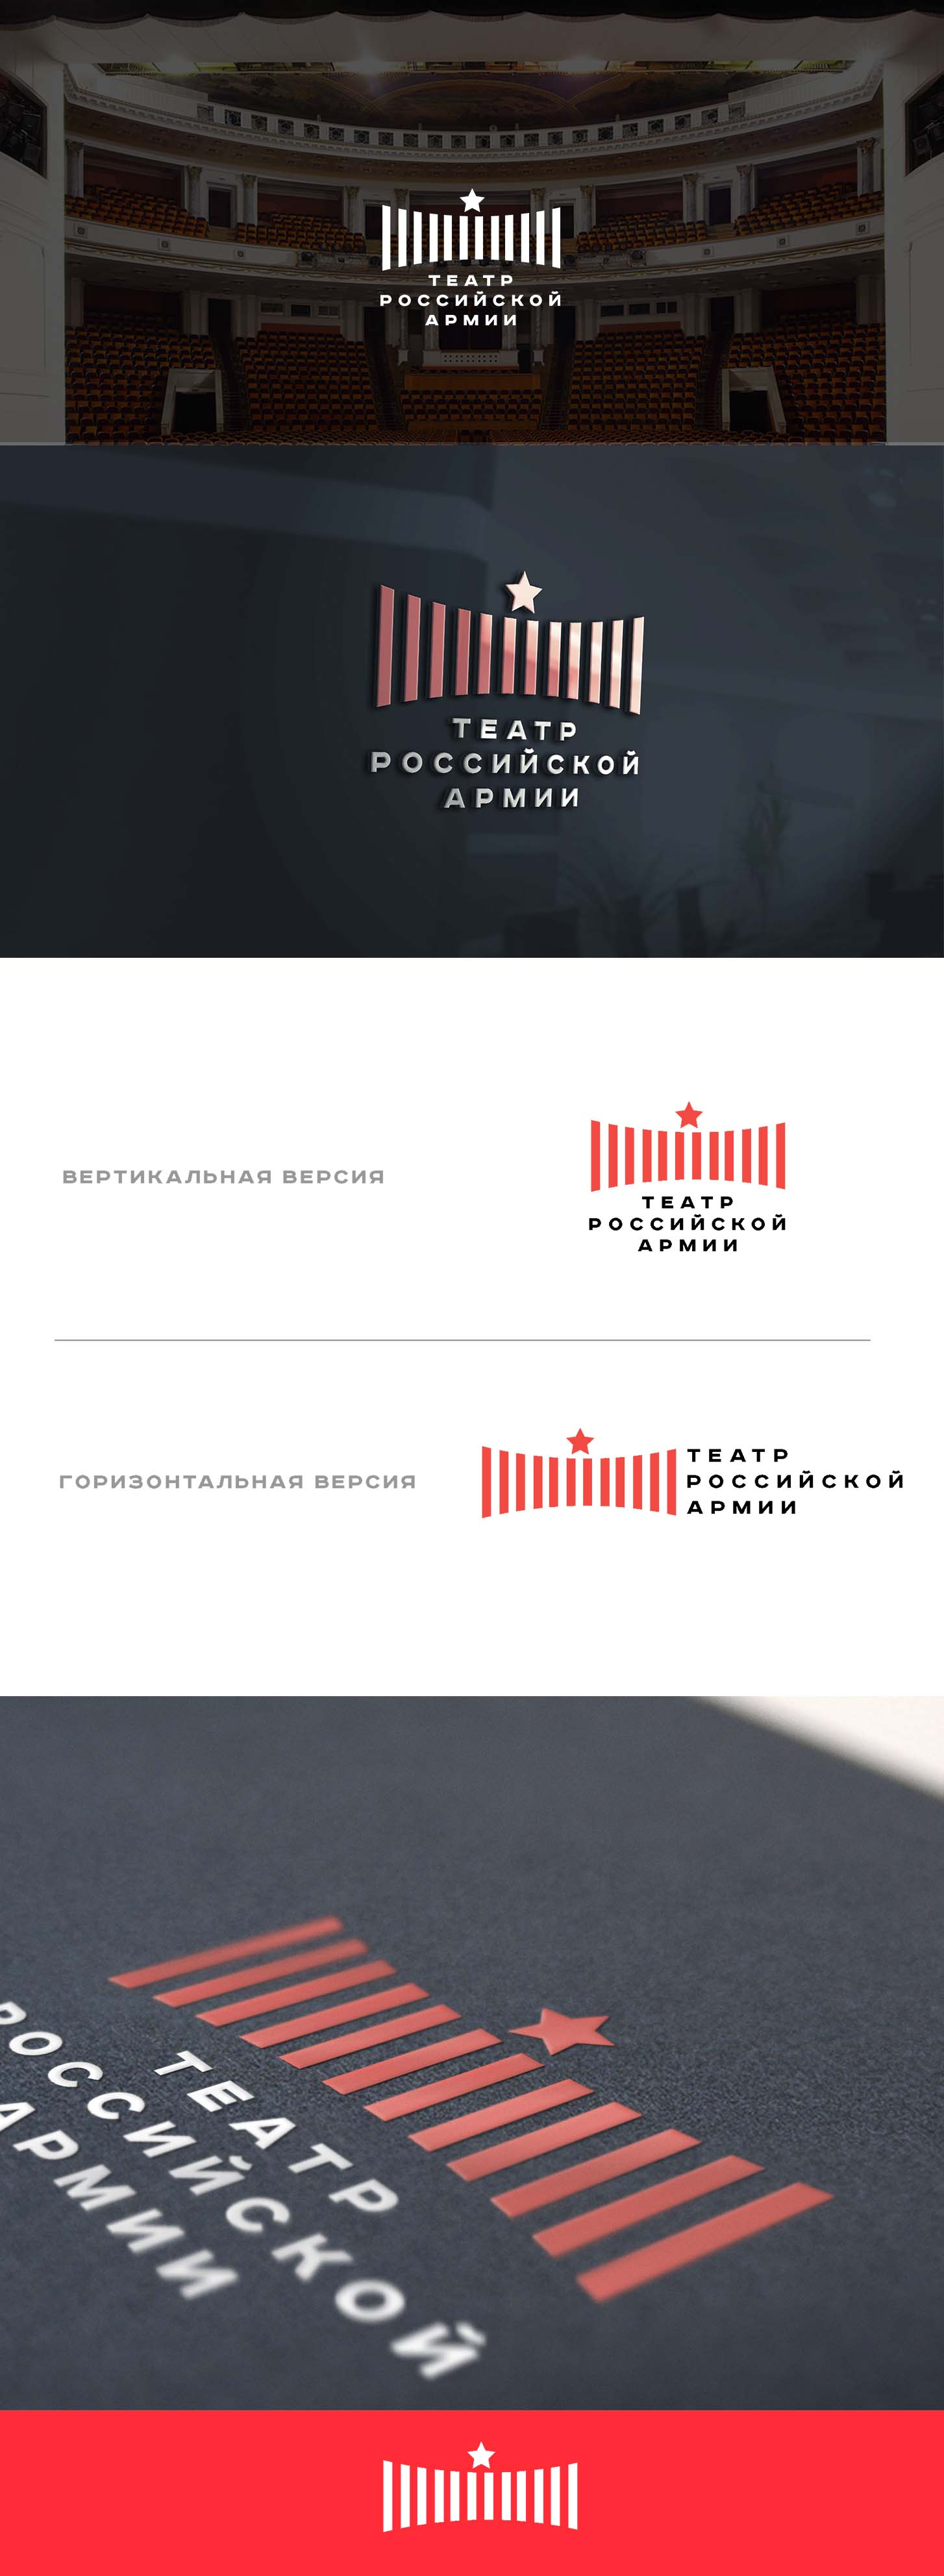 Разработка логотипа для Театра Российской Армии фото f_08558879929dee1a.jpg